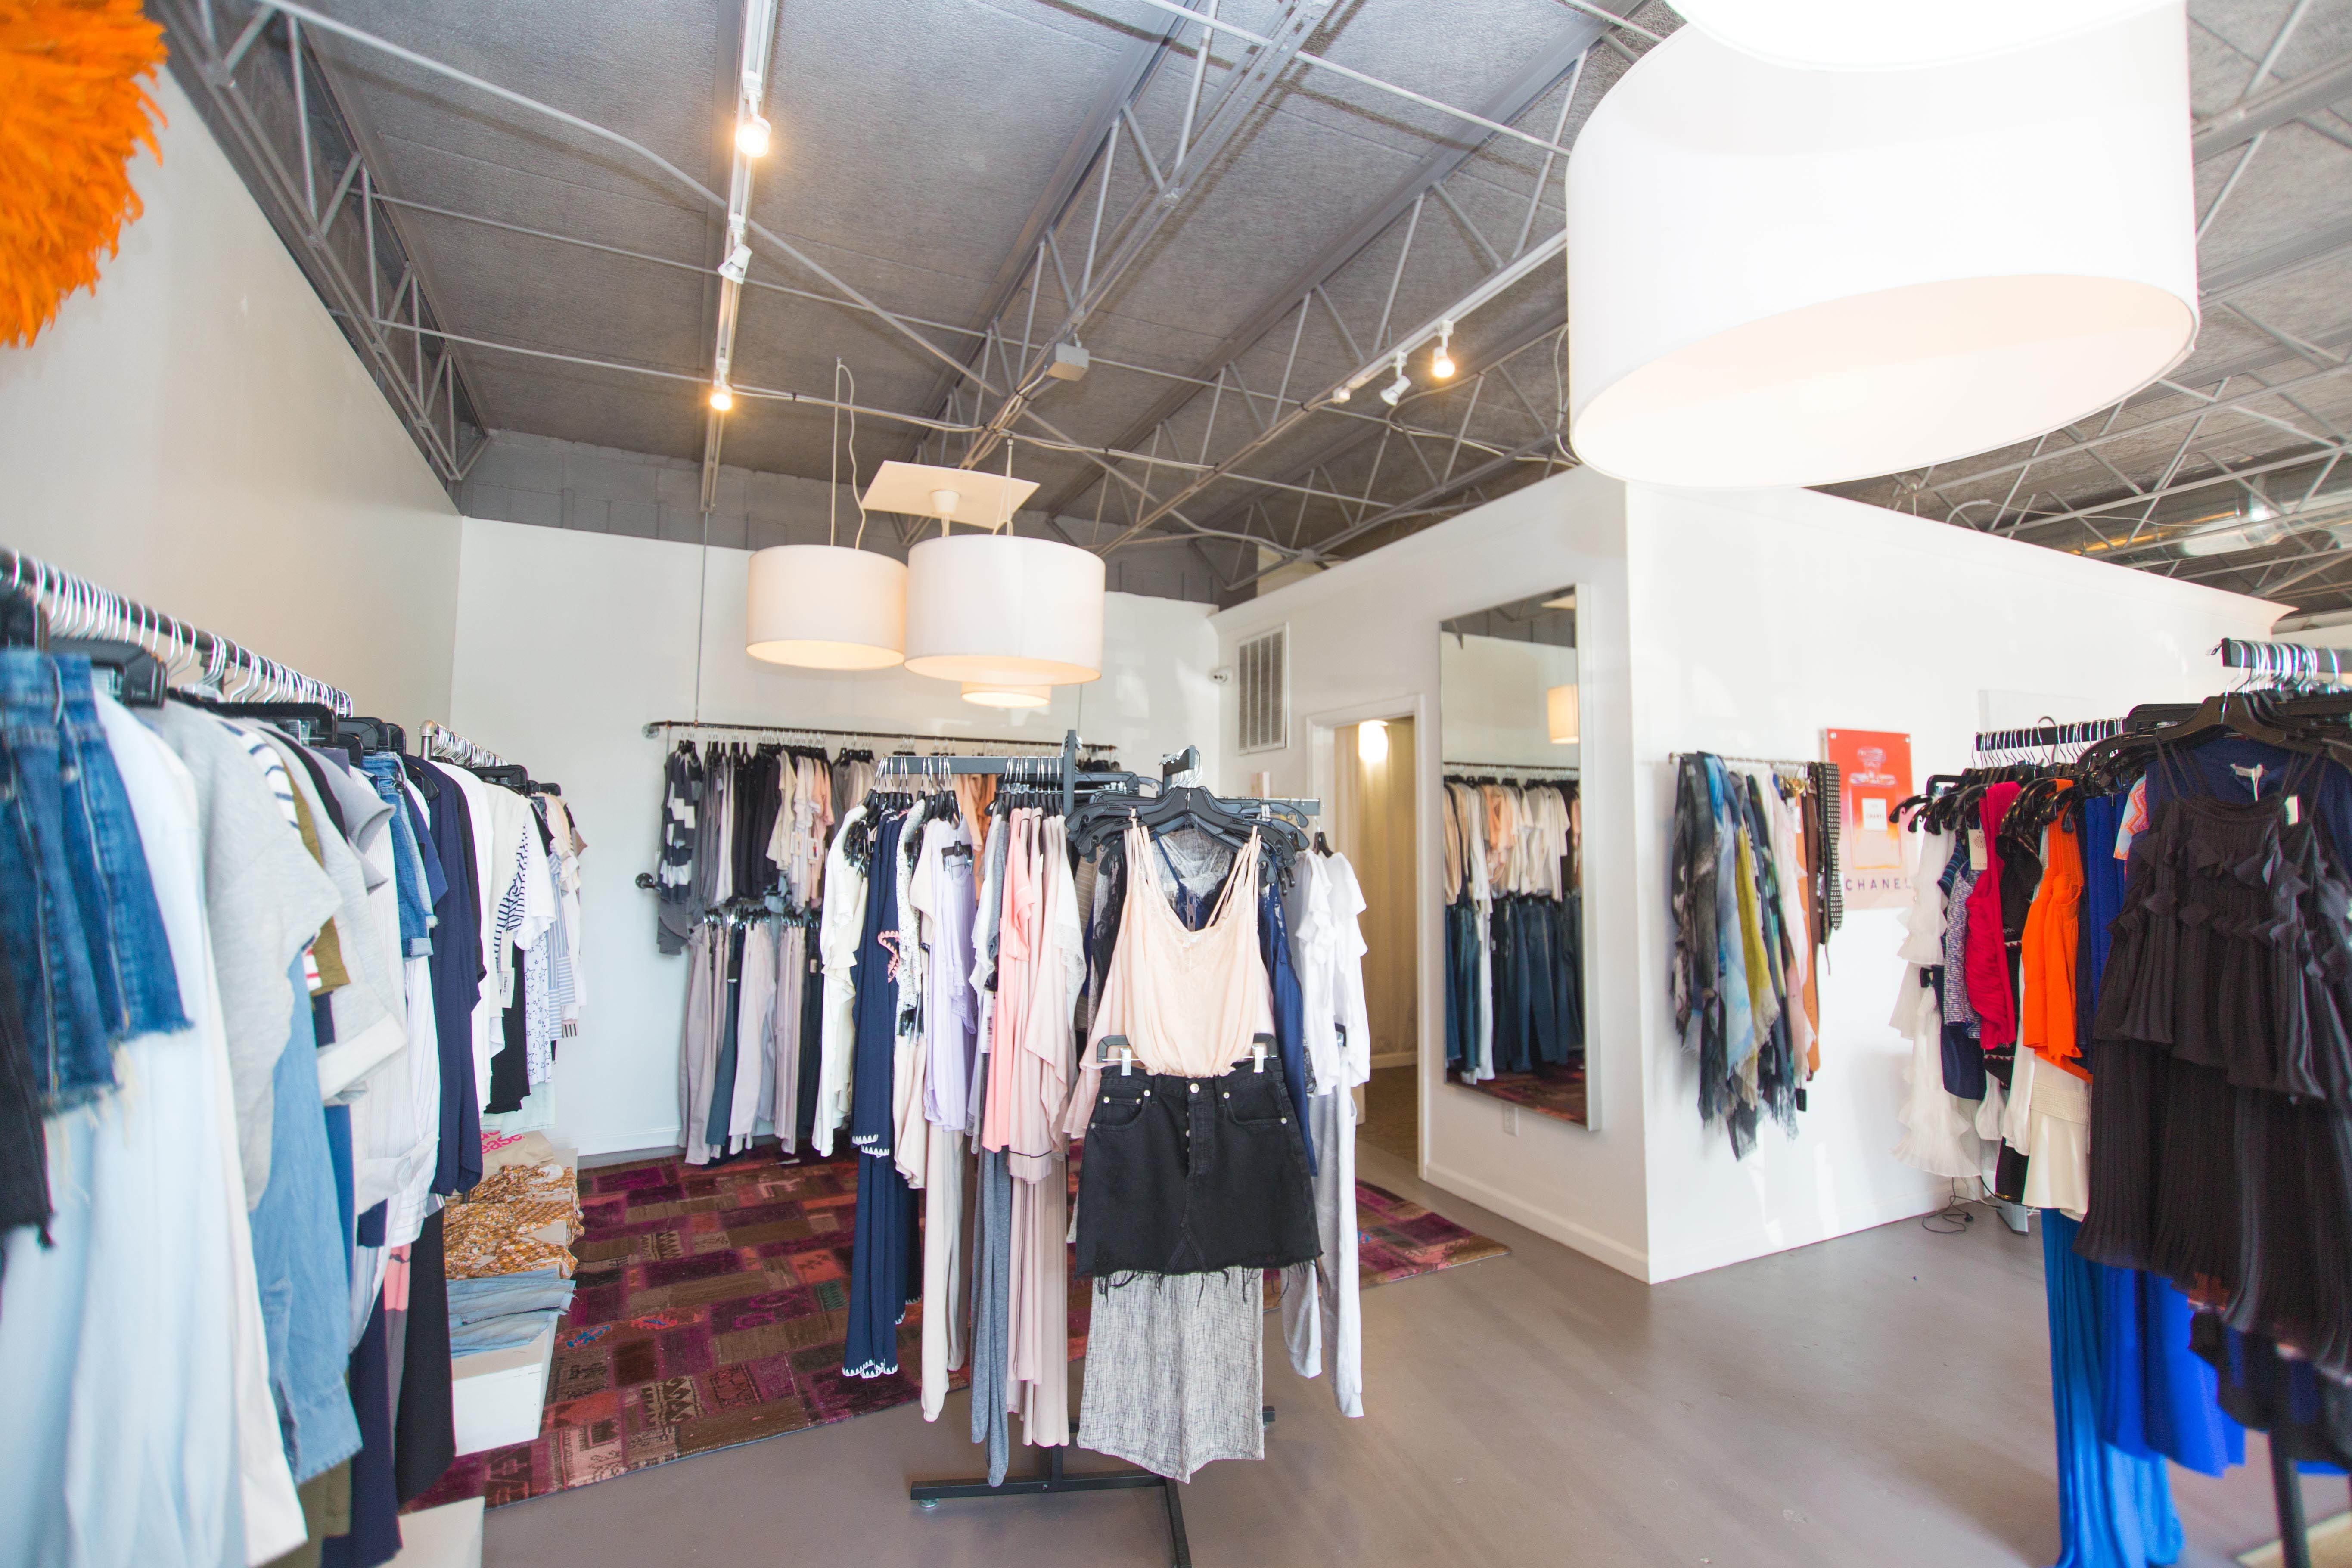 Dukes Clothier image 8